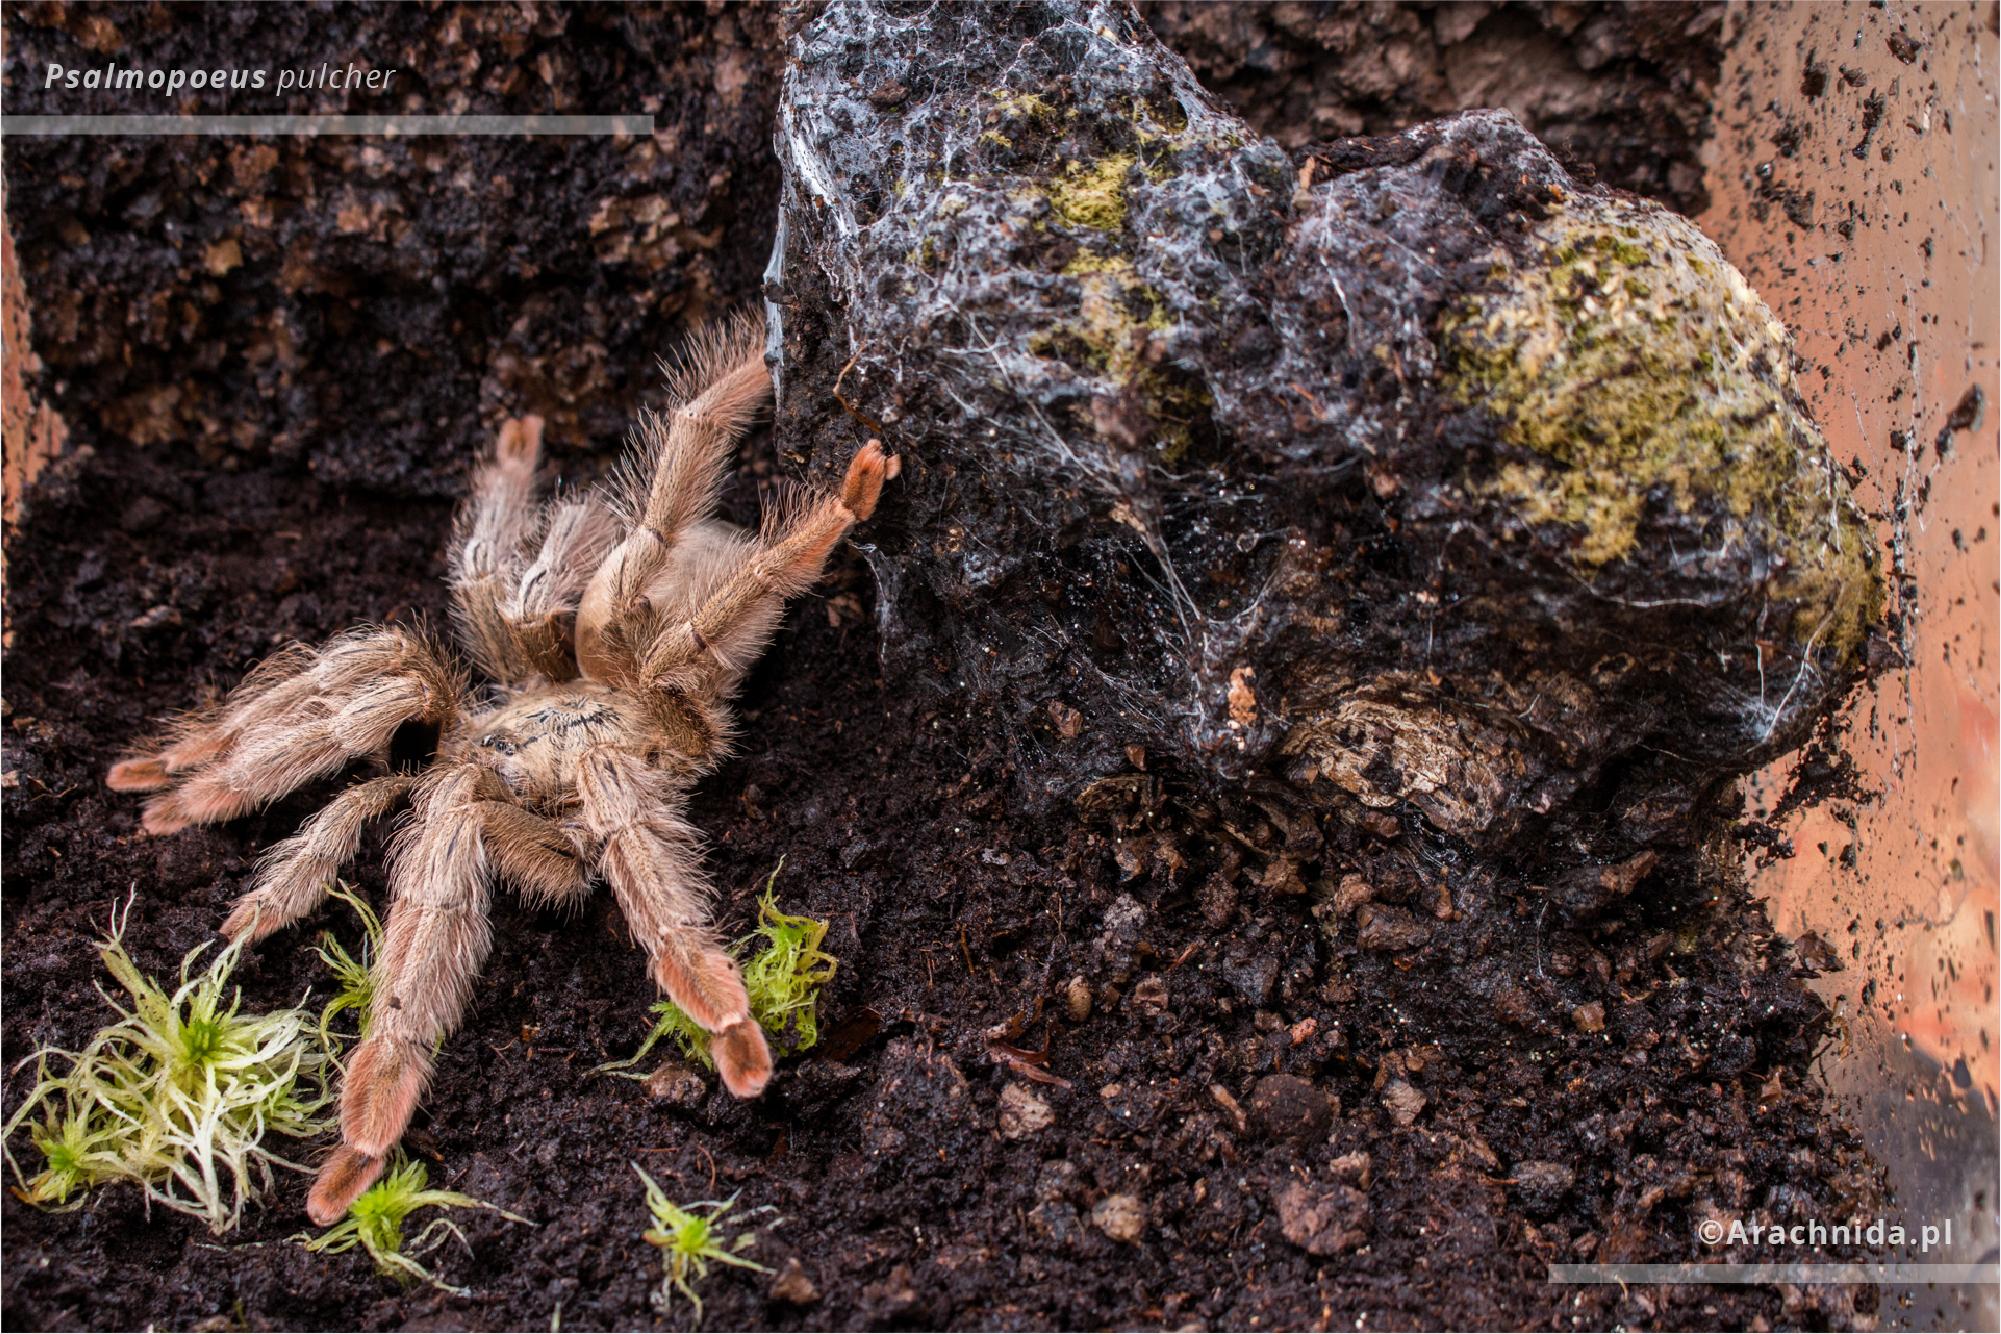 Psalmopoeus pulcher adult female terrarium